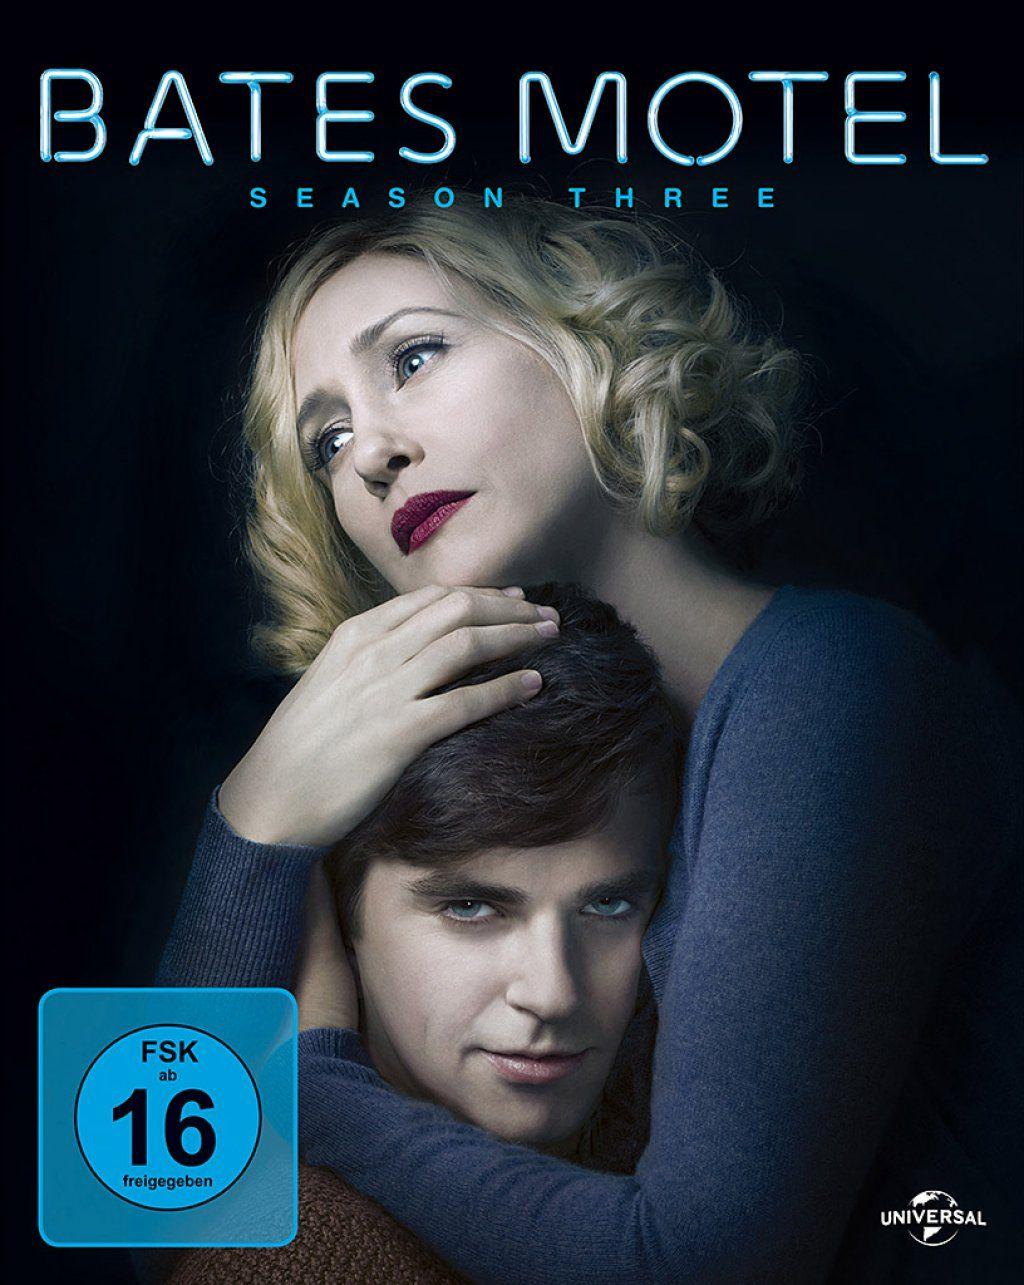 Bates Motel - Season 3 (2 Discs) (BLURAY)